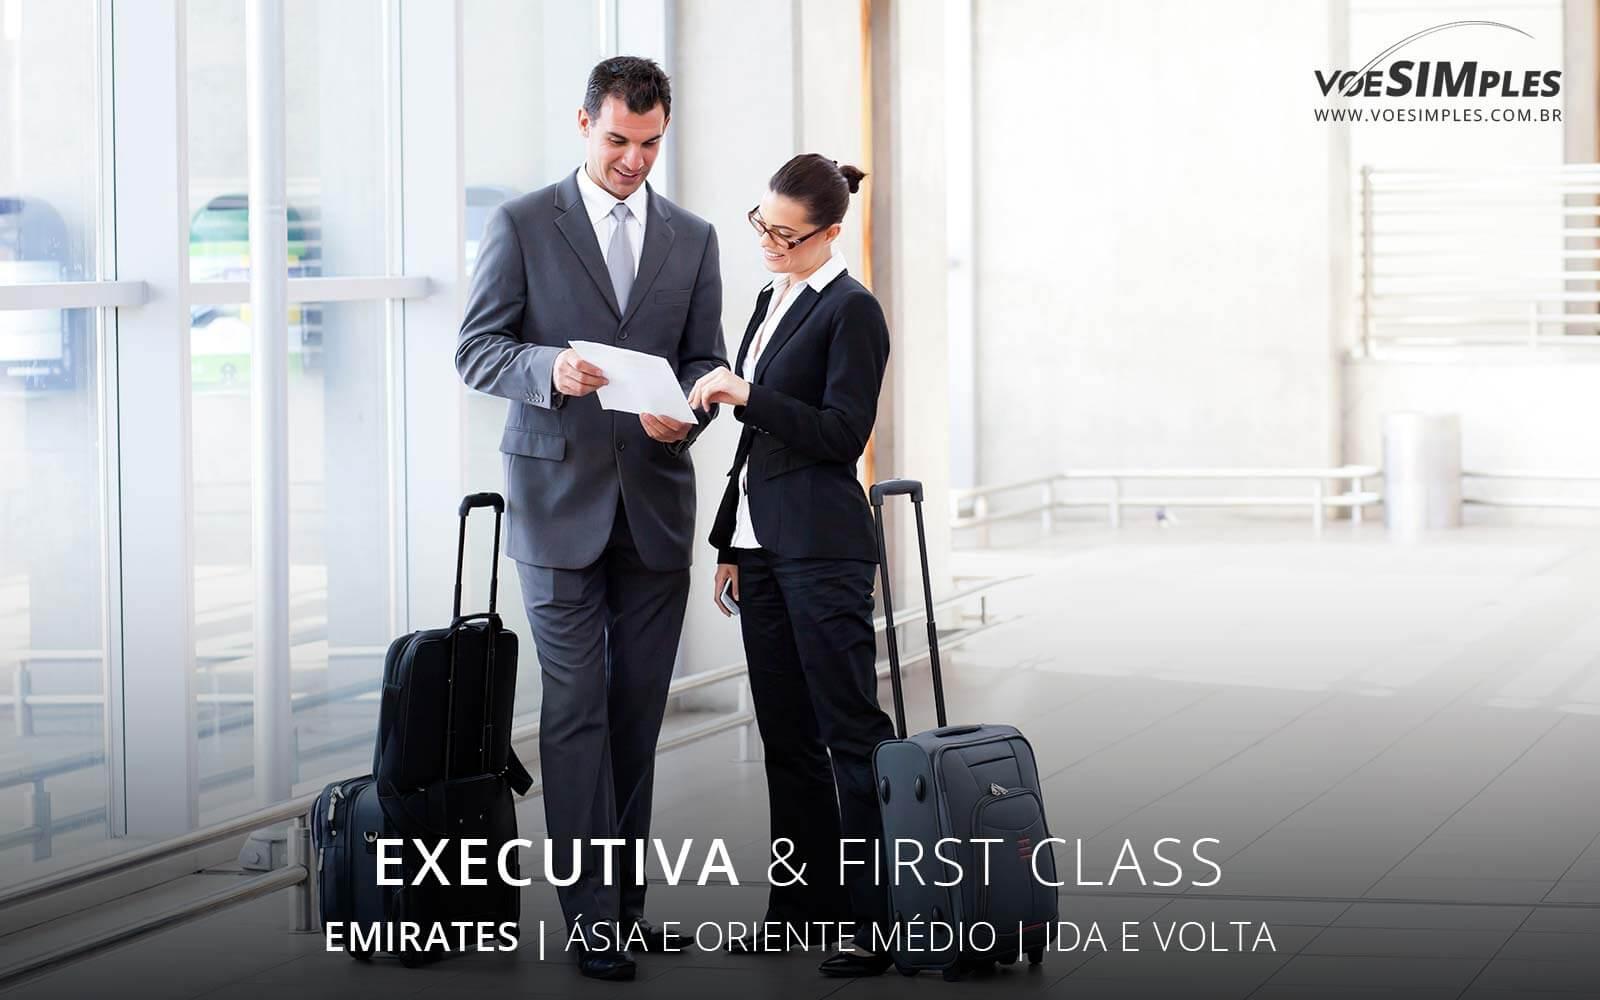 passagem aérea classe executiva Emirates